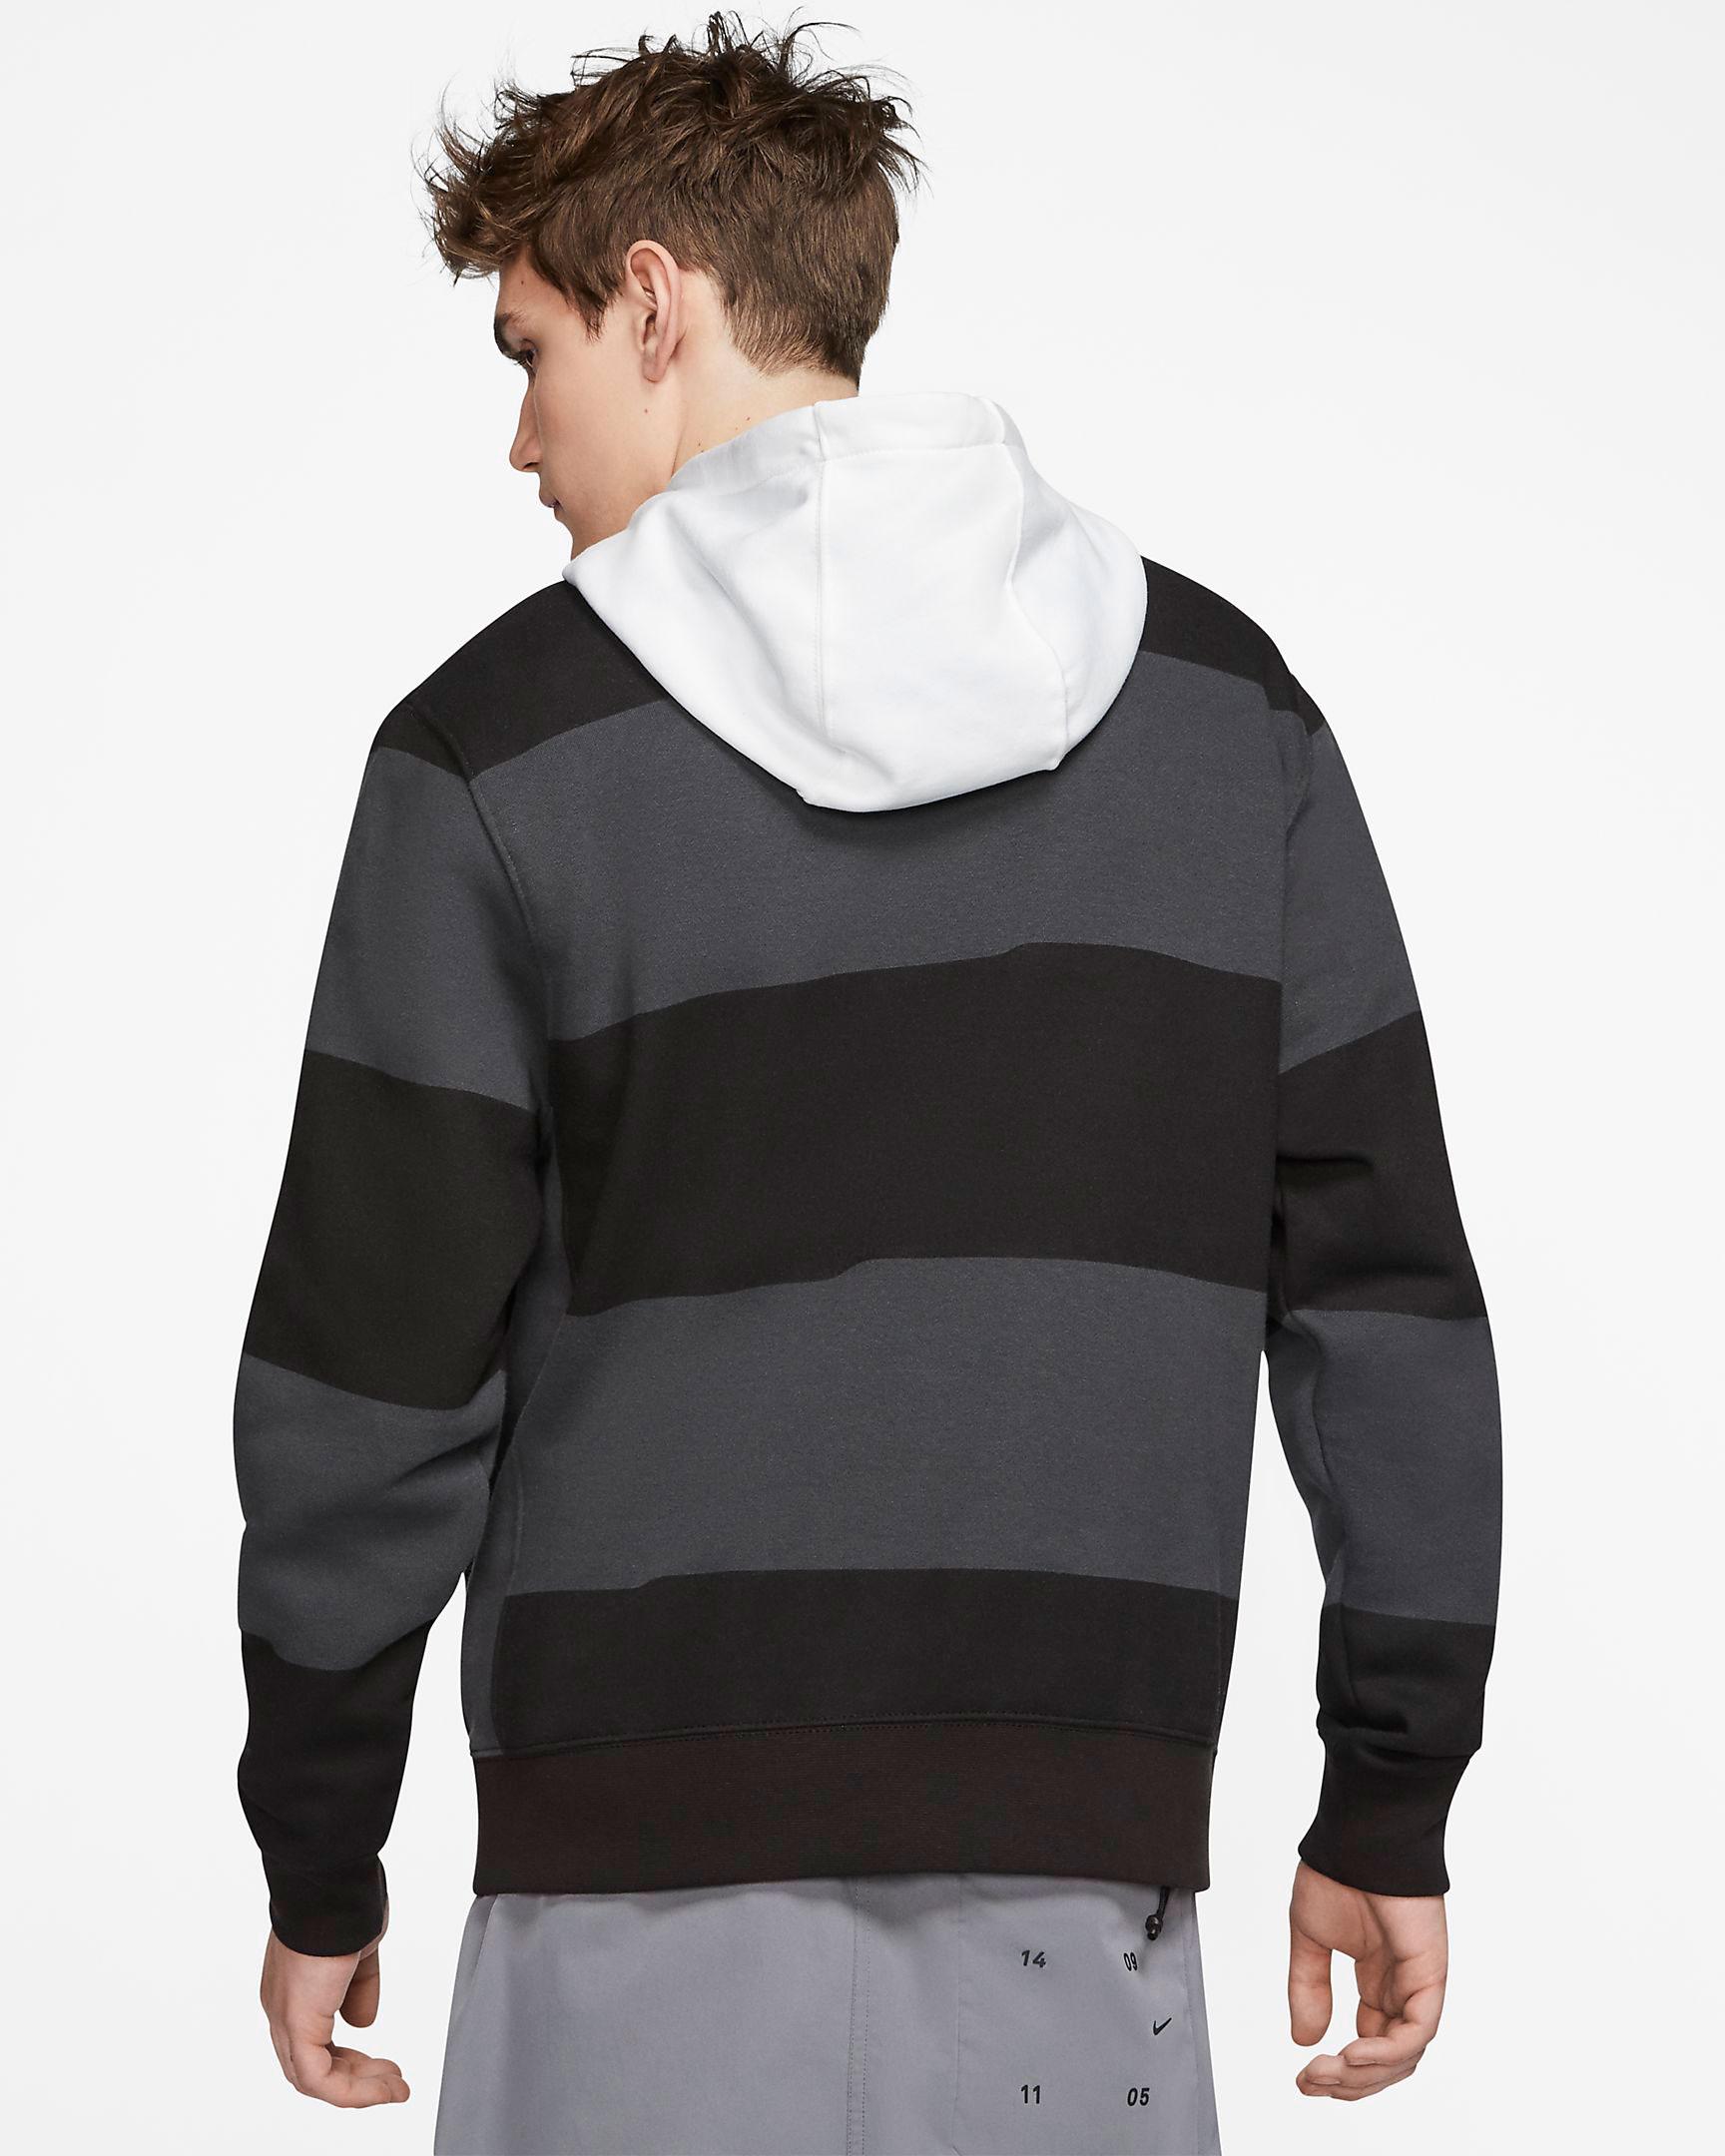 nike-air-max-90-hyper-turquoise-hoodie-2